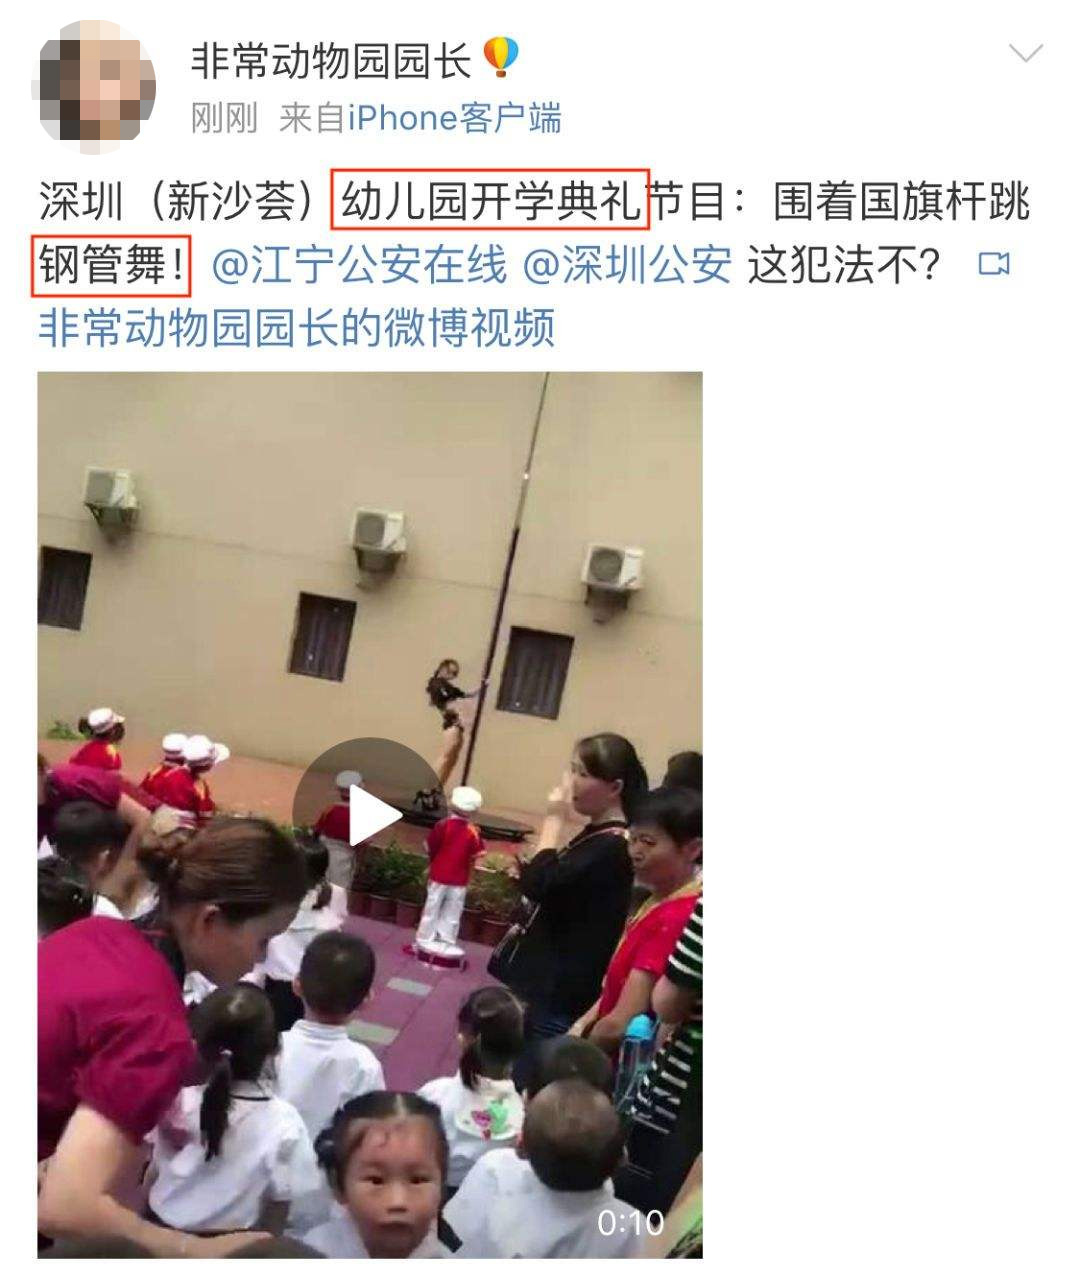 深圳某幼儿园用钢管舞表演欢迎孩子返校